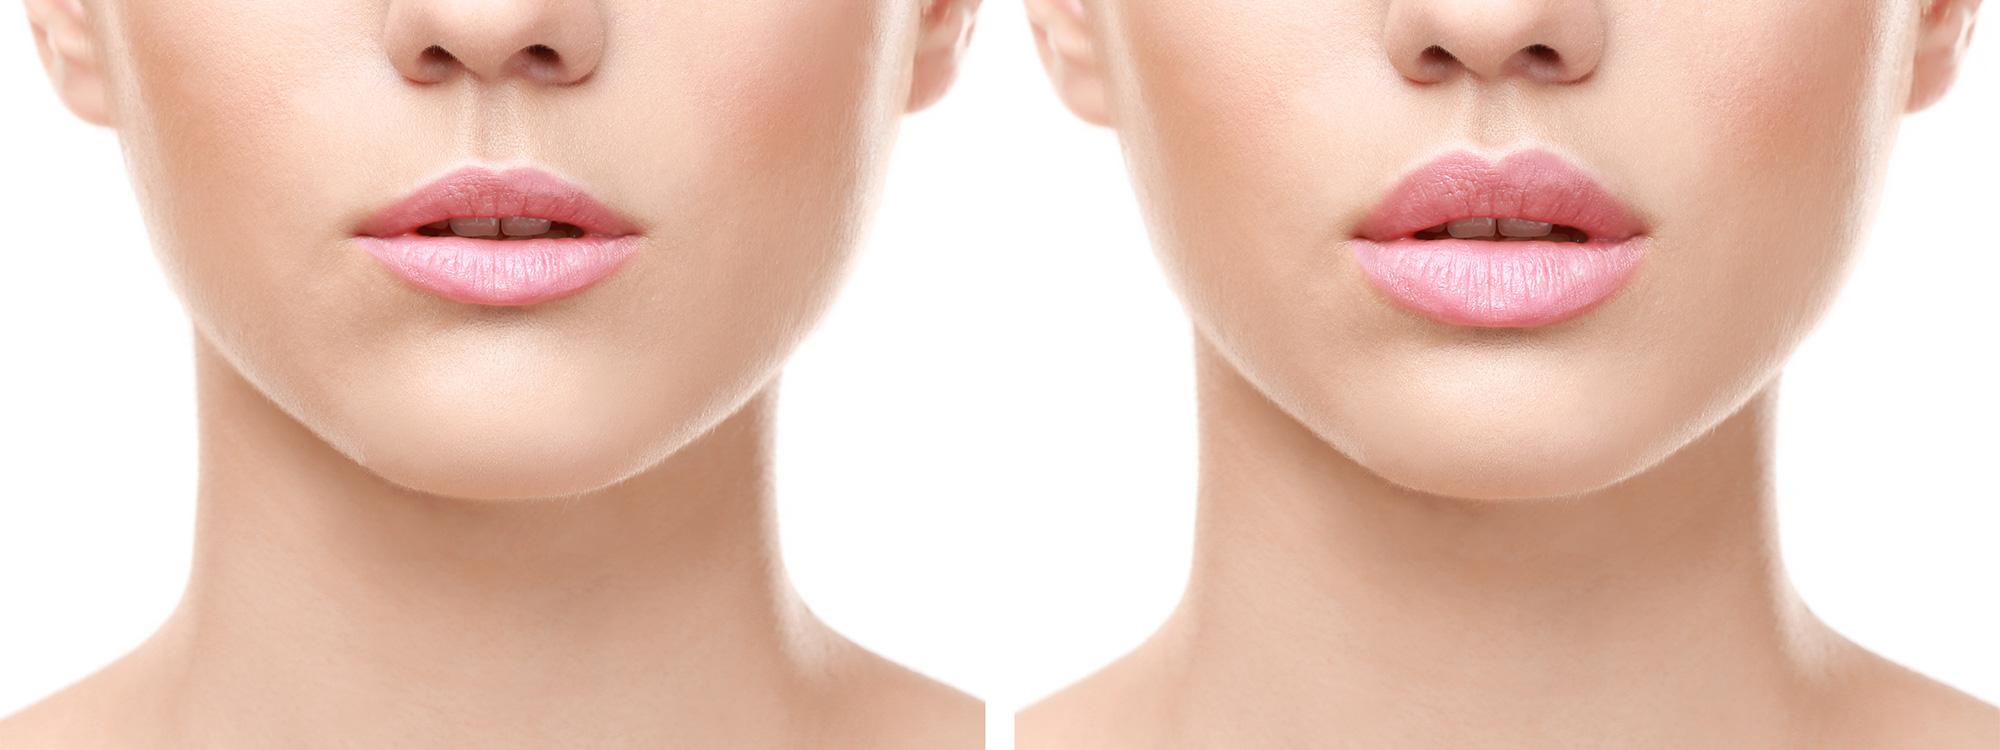 Povećanje (augmenatcija) usana